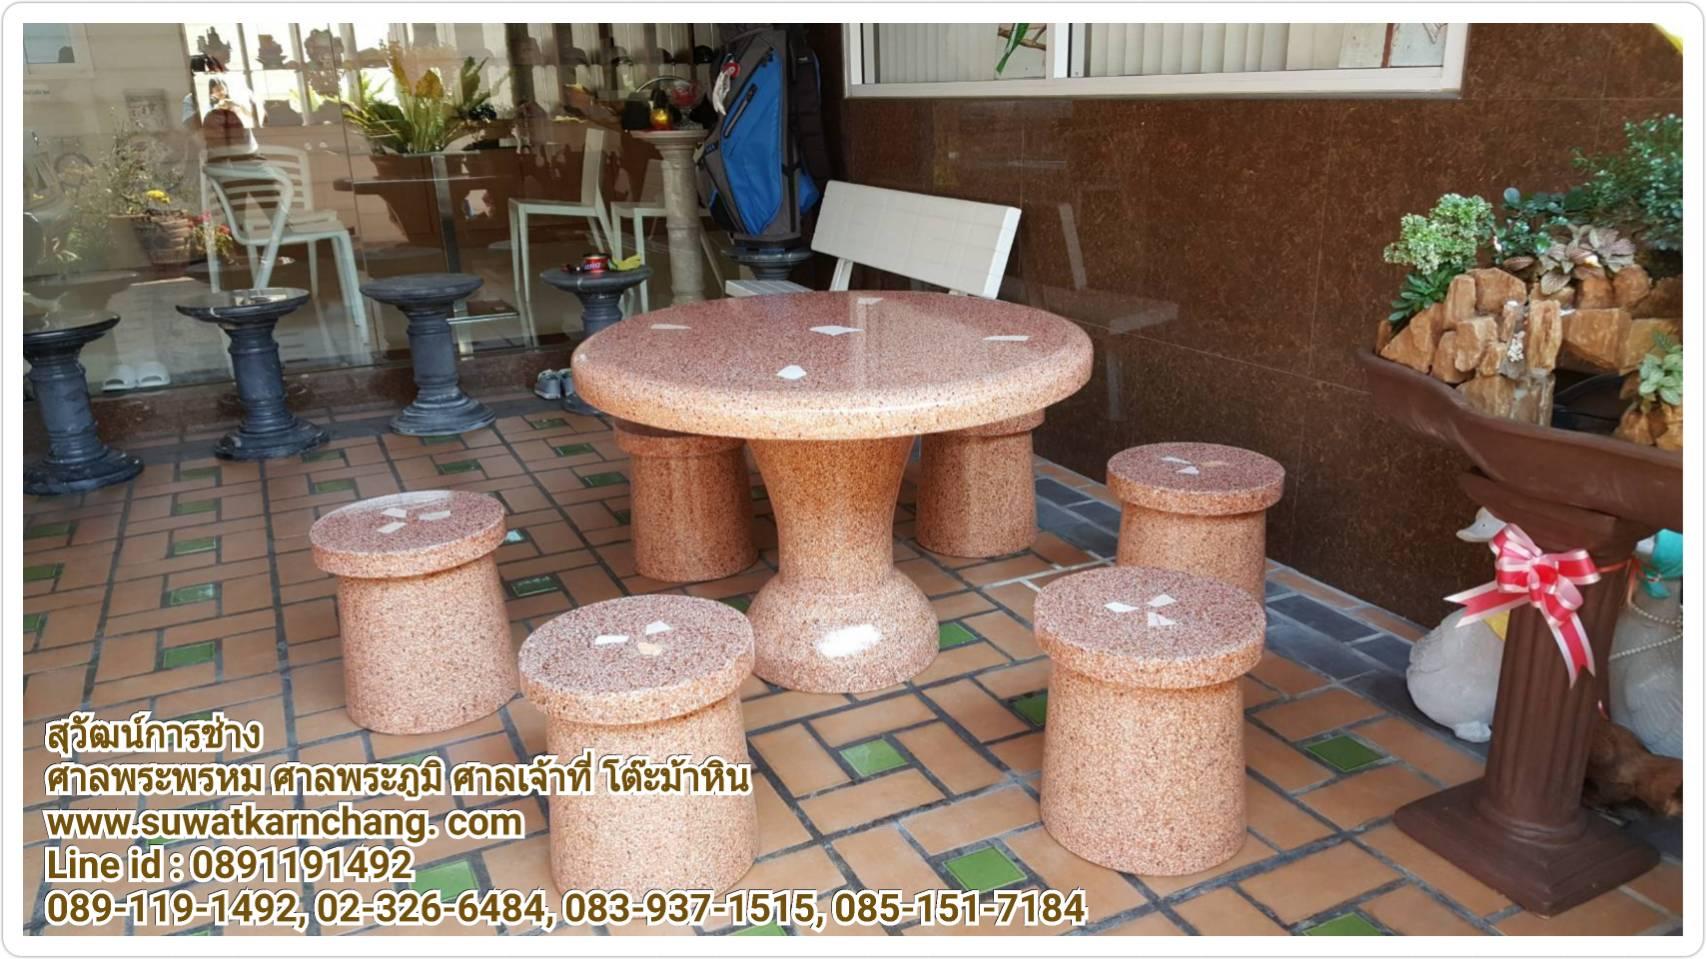 โต๊ะกลมดอกเห็ดสีส้ม แบบมีหินแซม หน้า 100 ซม. ตัวนั่งดอกเห็ด 6 ตัว